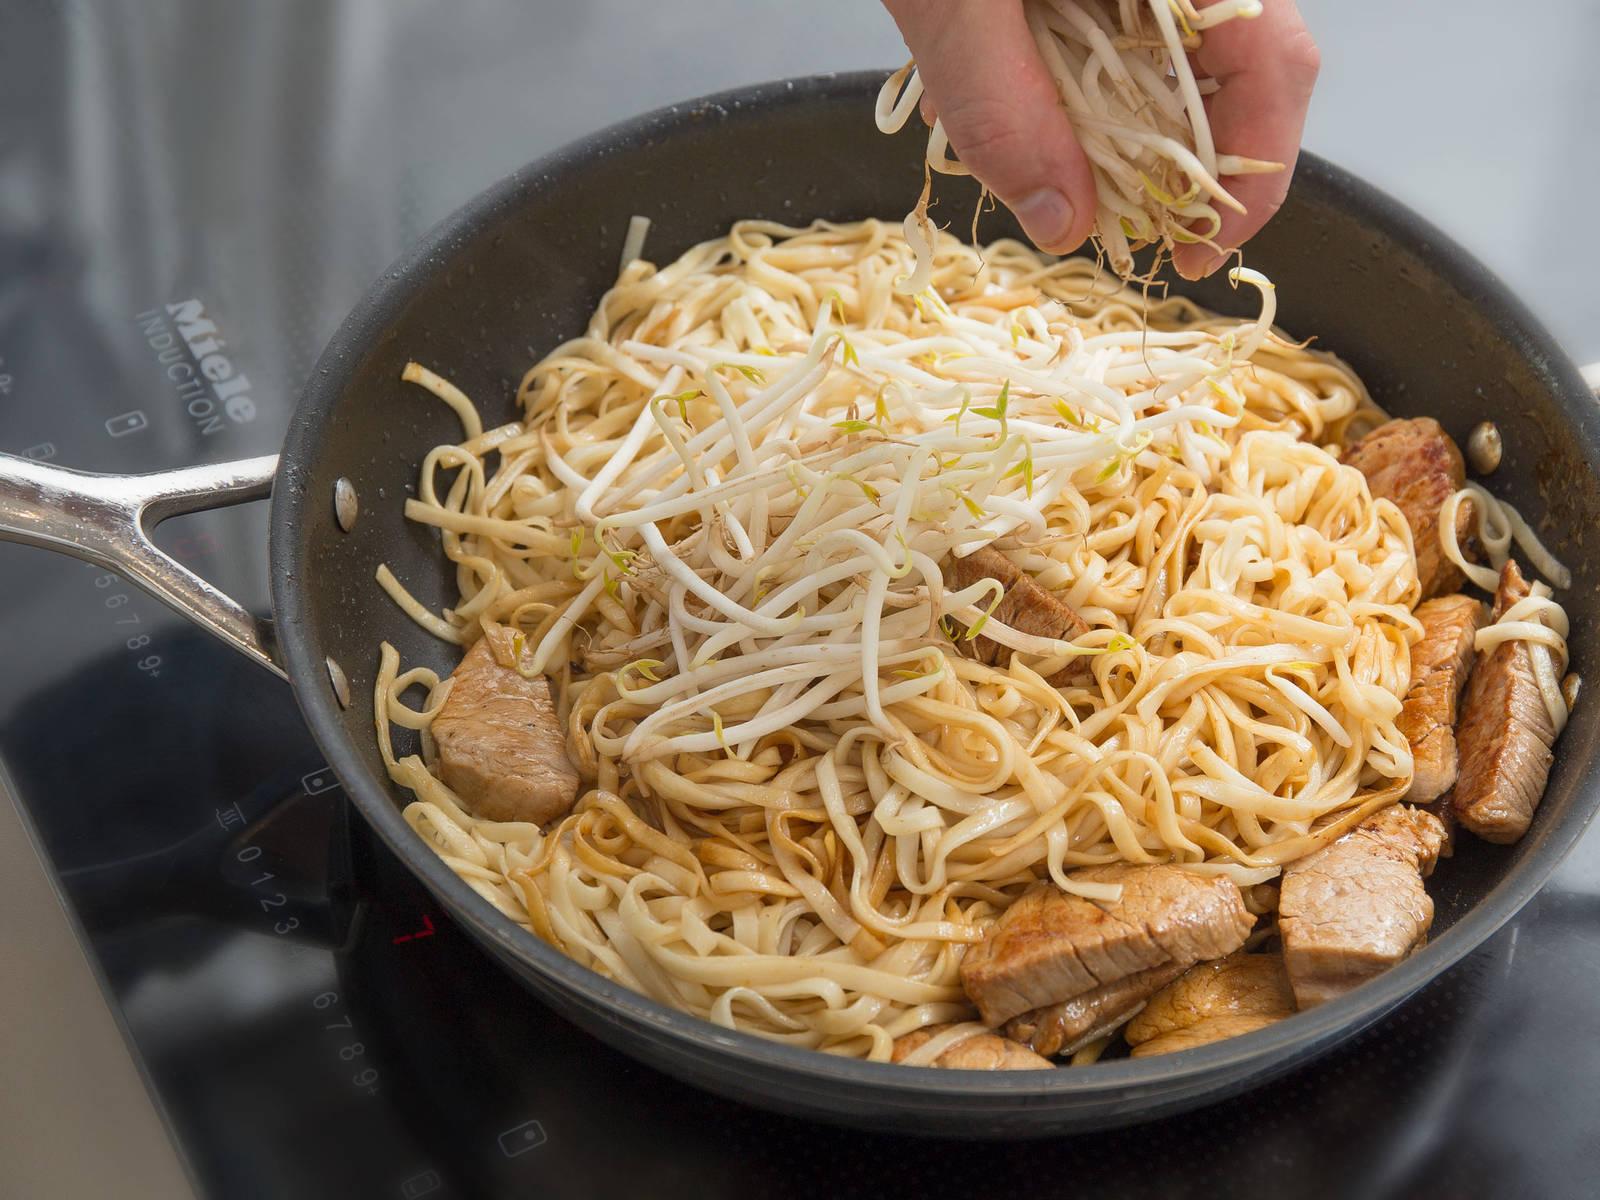 在大煎锅中,中高火加热剩余的植物油。倒入猪里脊,翻炒3分钟。加入煮好的鸡蛋面和酱汁,翻炒均匀,约2分钟,然后调至小火。放入豆芽和青葱,翻炒均匀。撒上更多青葱,尽情享用吧!